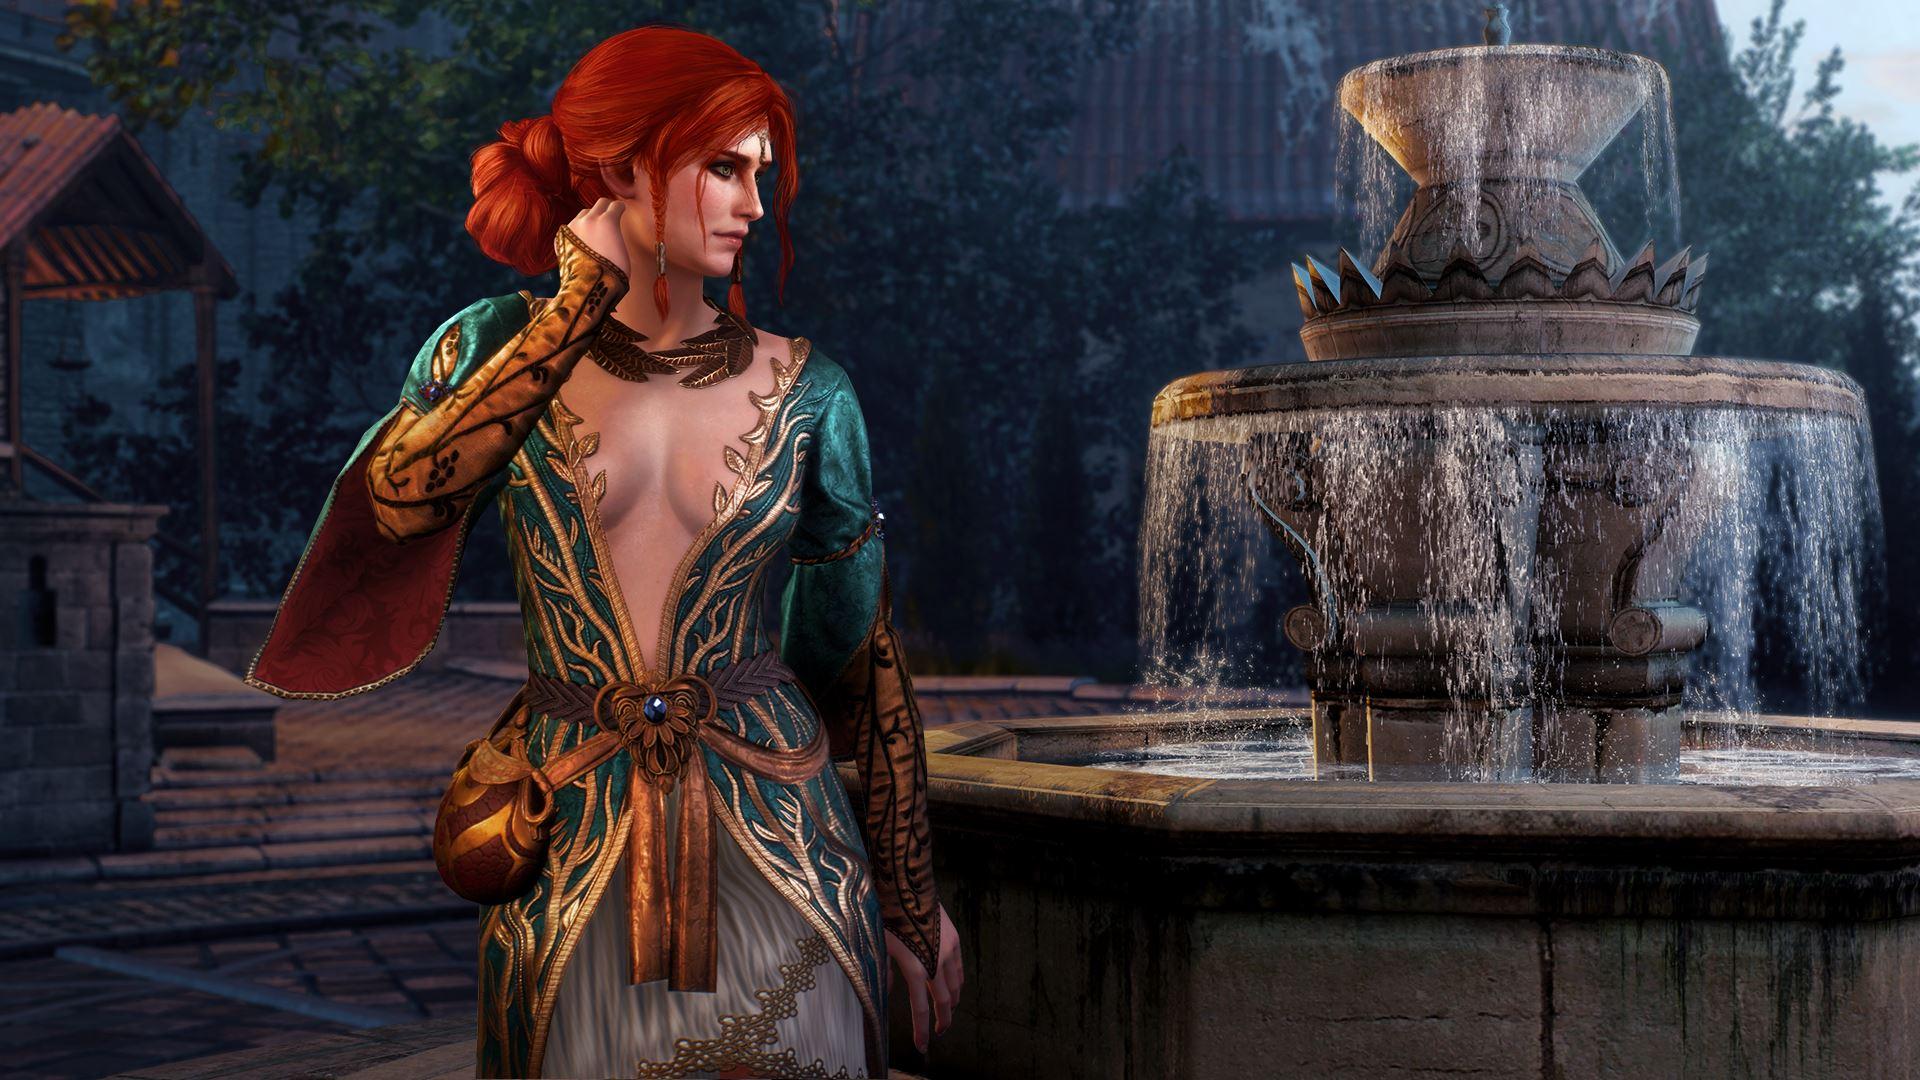 Разработчик Witcher 3 выпустил мод, позволяющий глубже погрузиться в игровой процесс